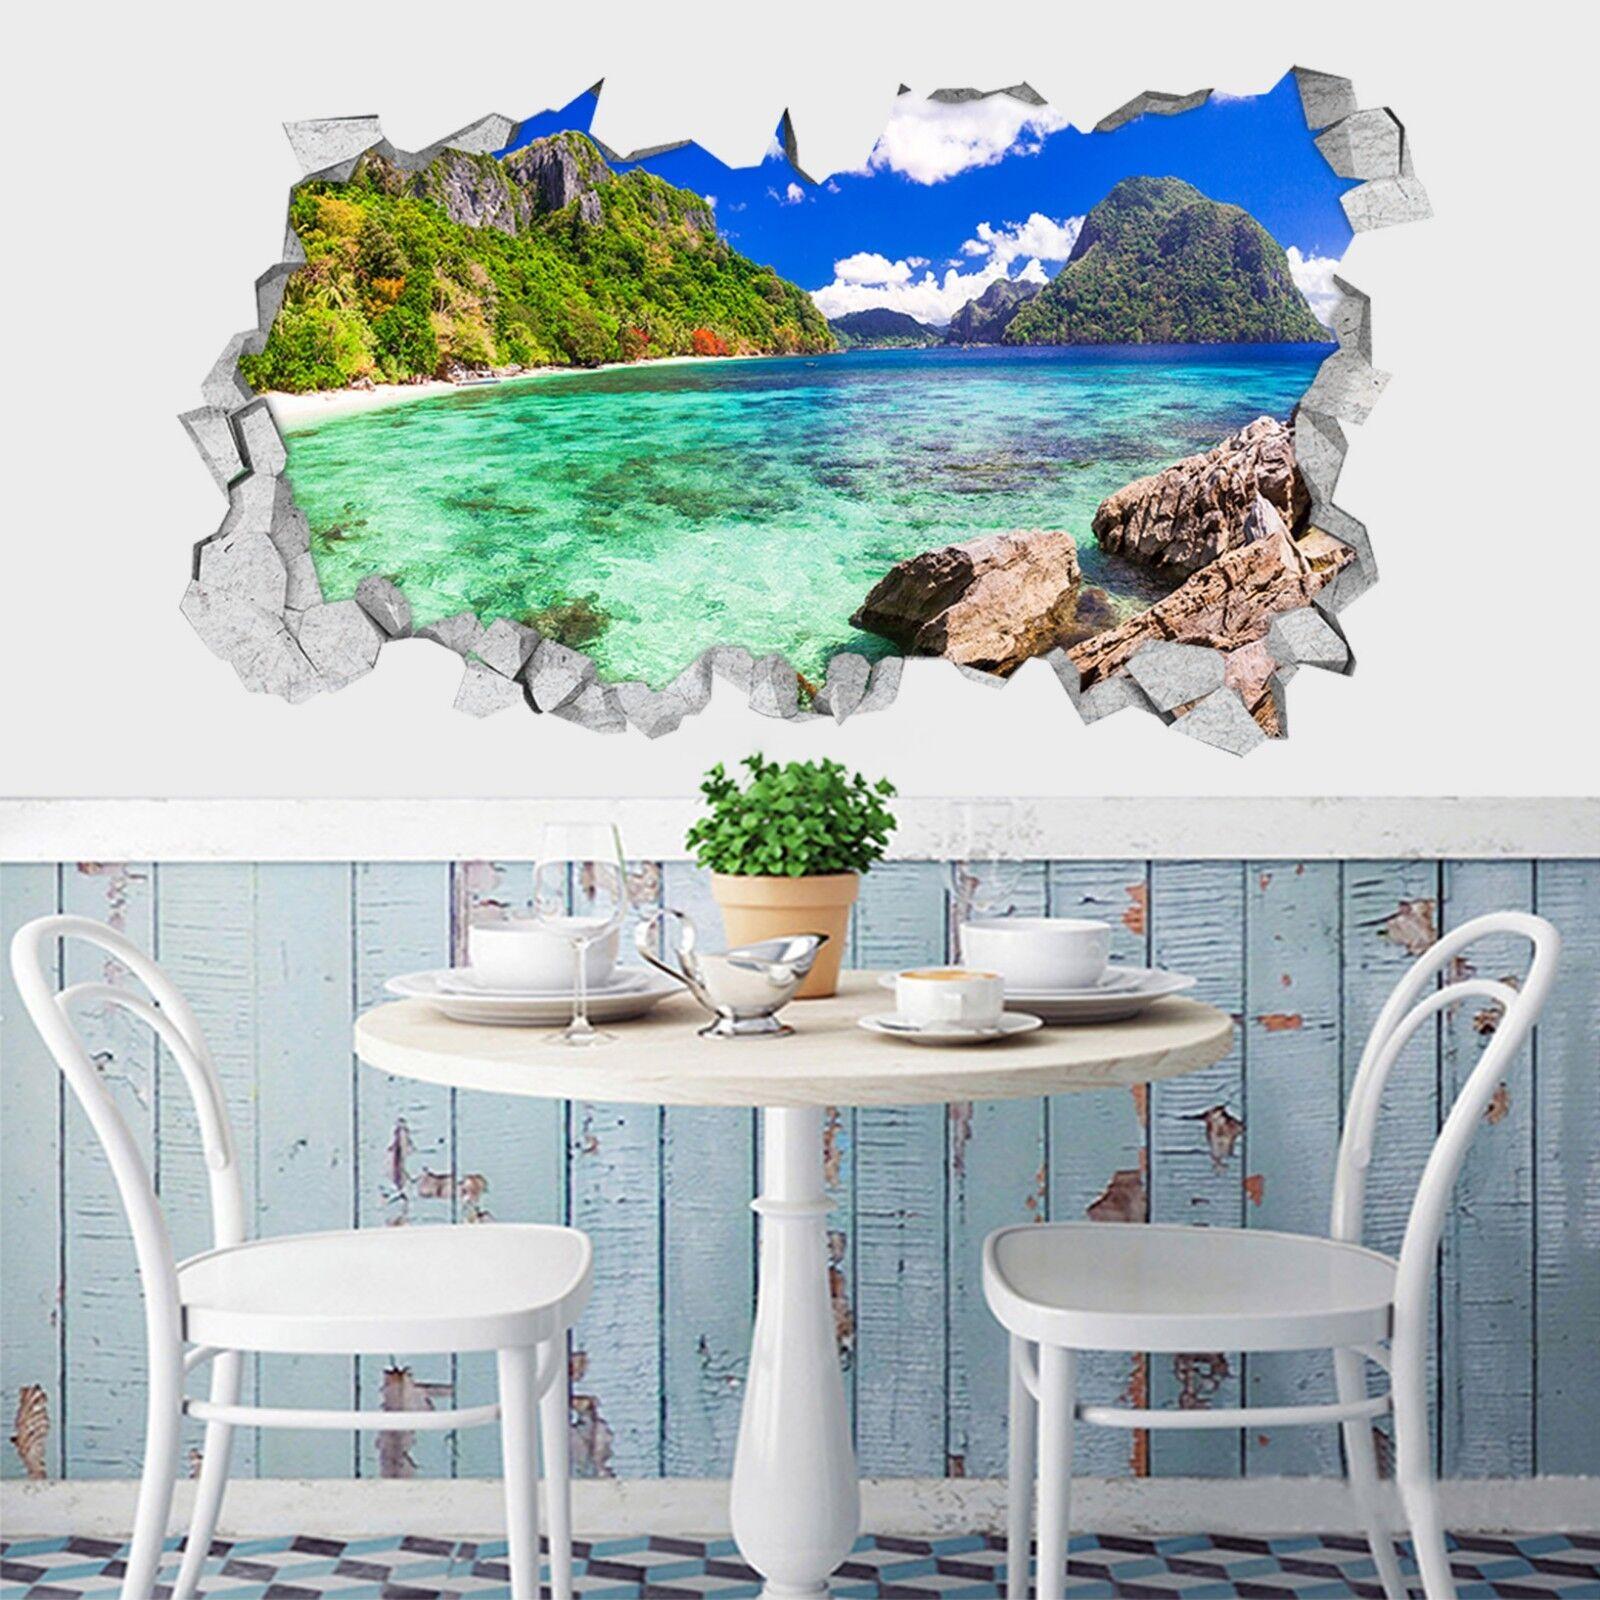 3D Tropische Bucht Mauer Murals Mauer Aufklebe Decal Durchbruch AJ WALLPAPER DE